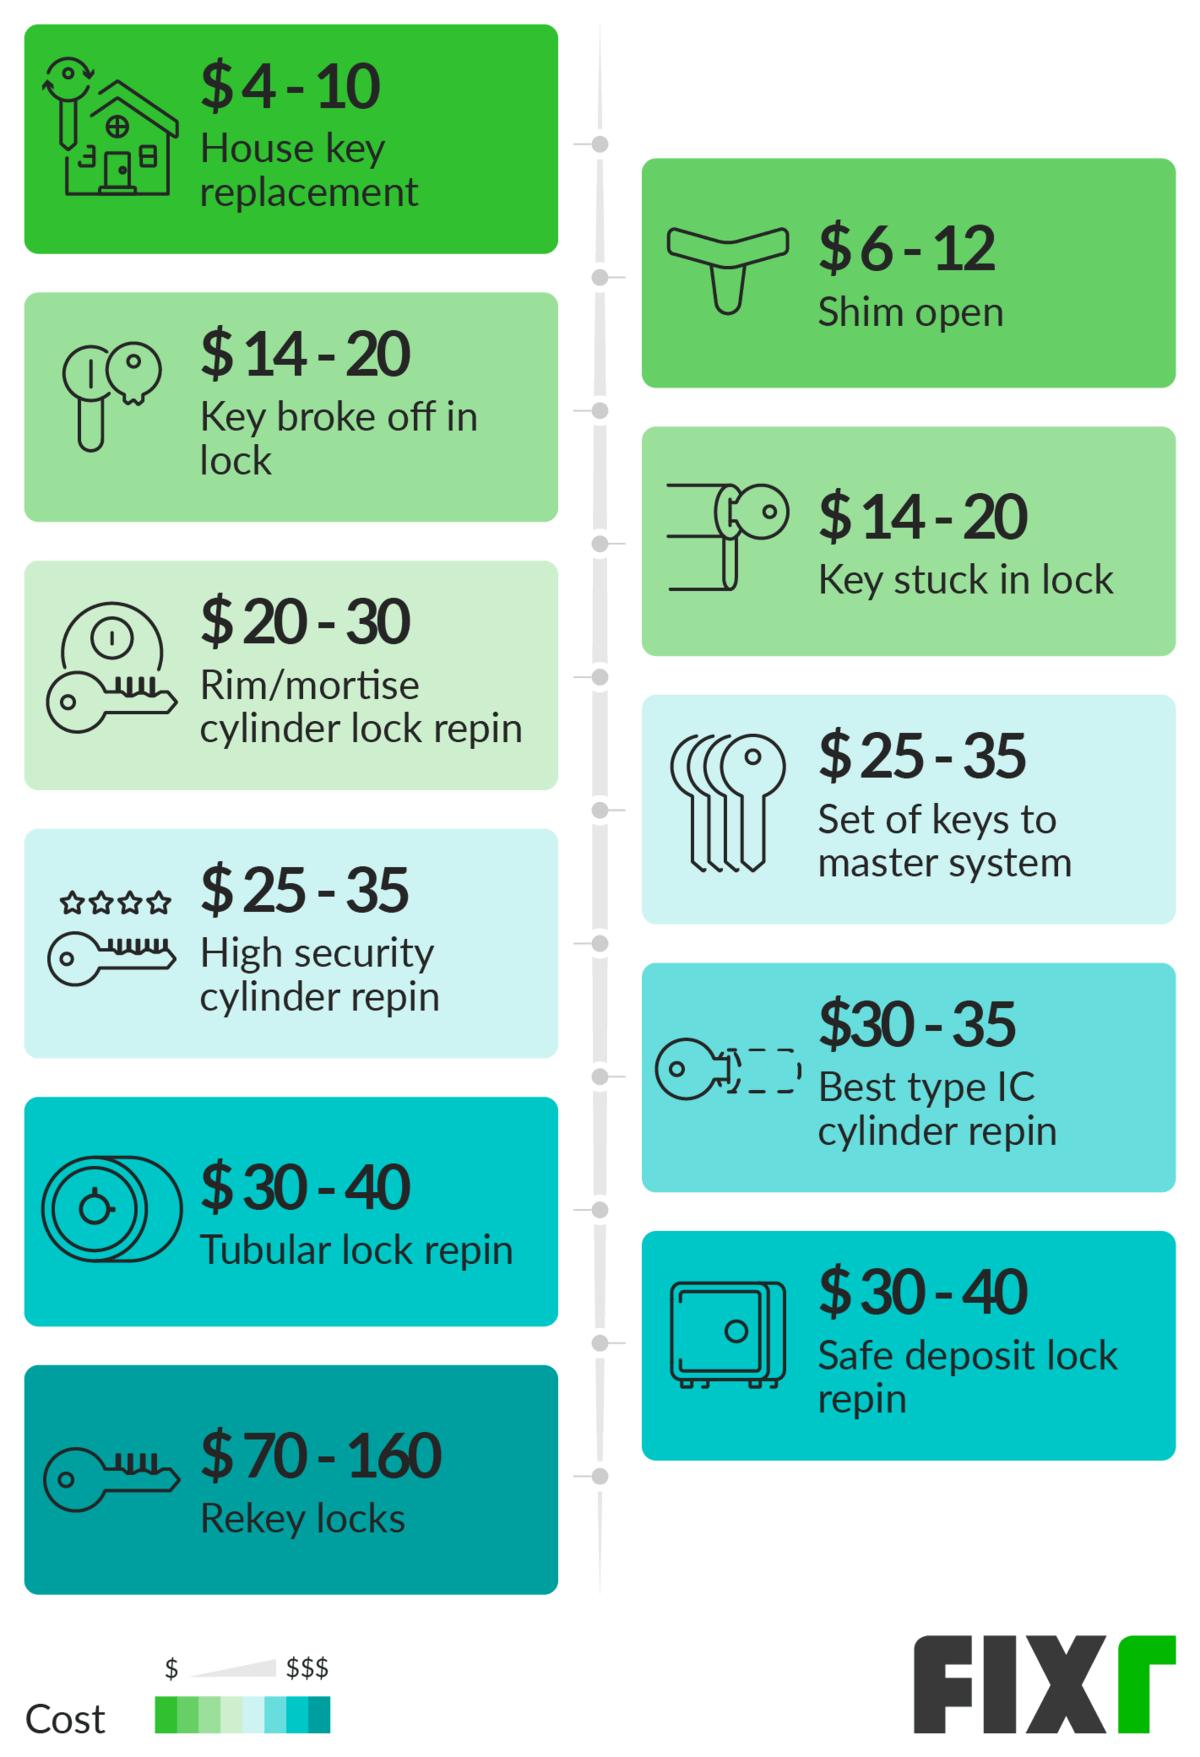 2020 Locksmith Prices Cost To Rekey Locks